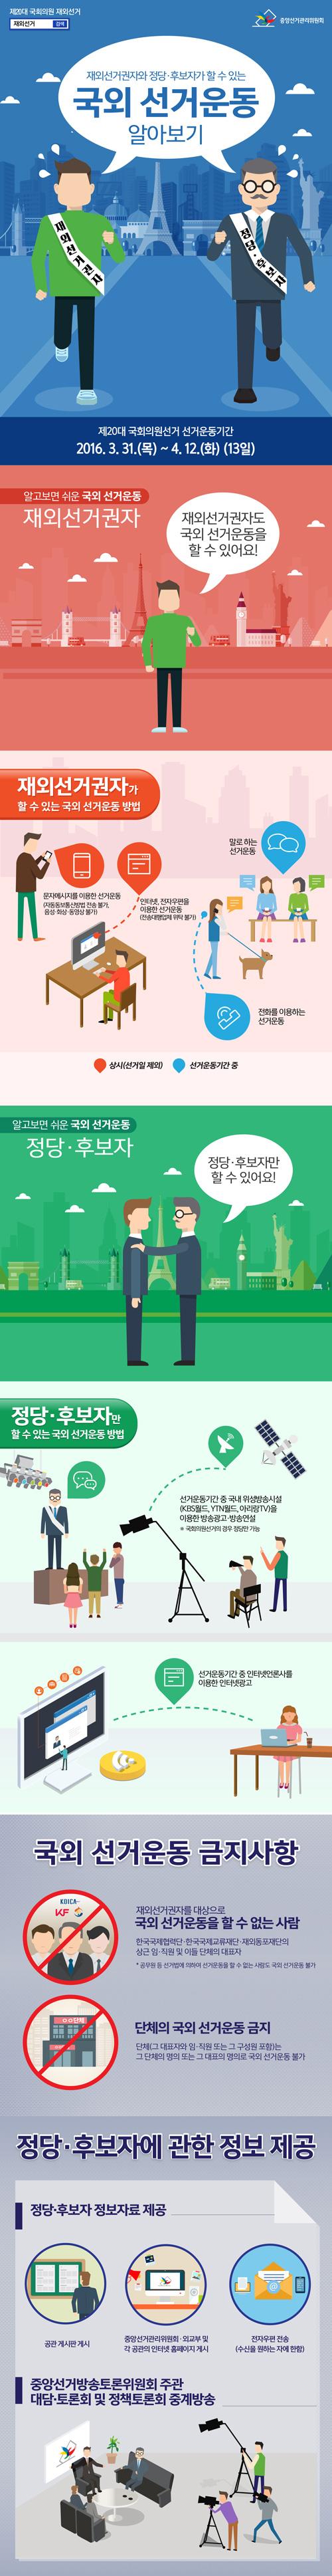 [재외선거]국외선거운동.jpg